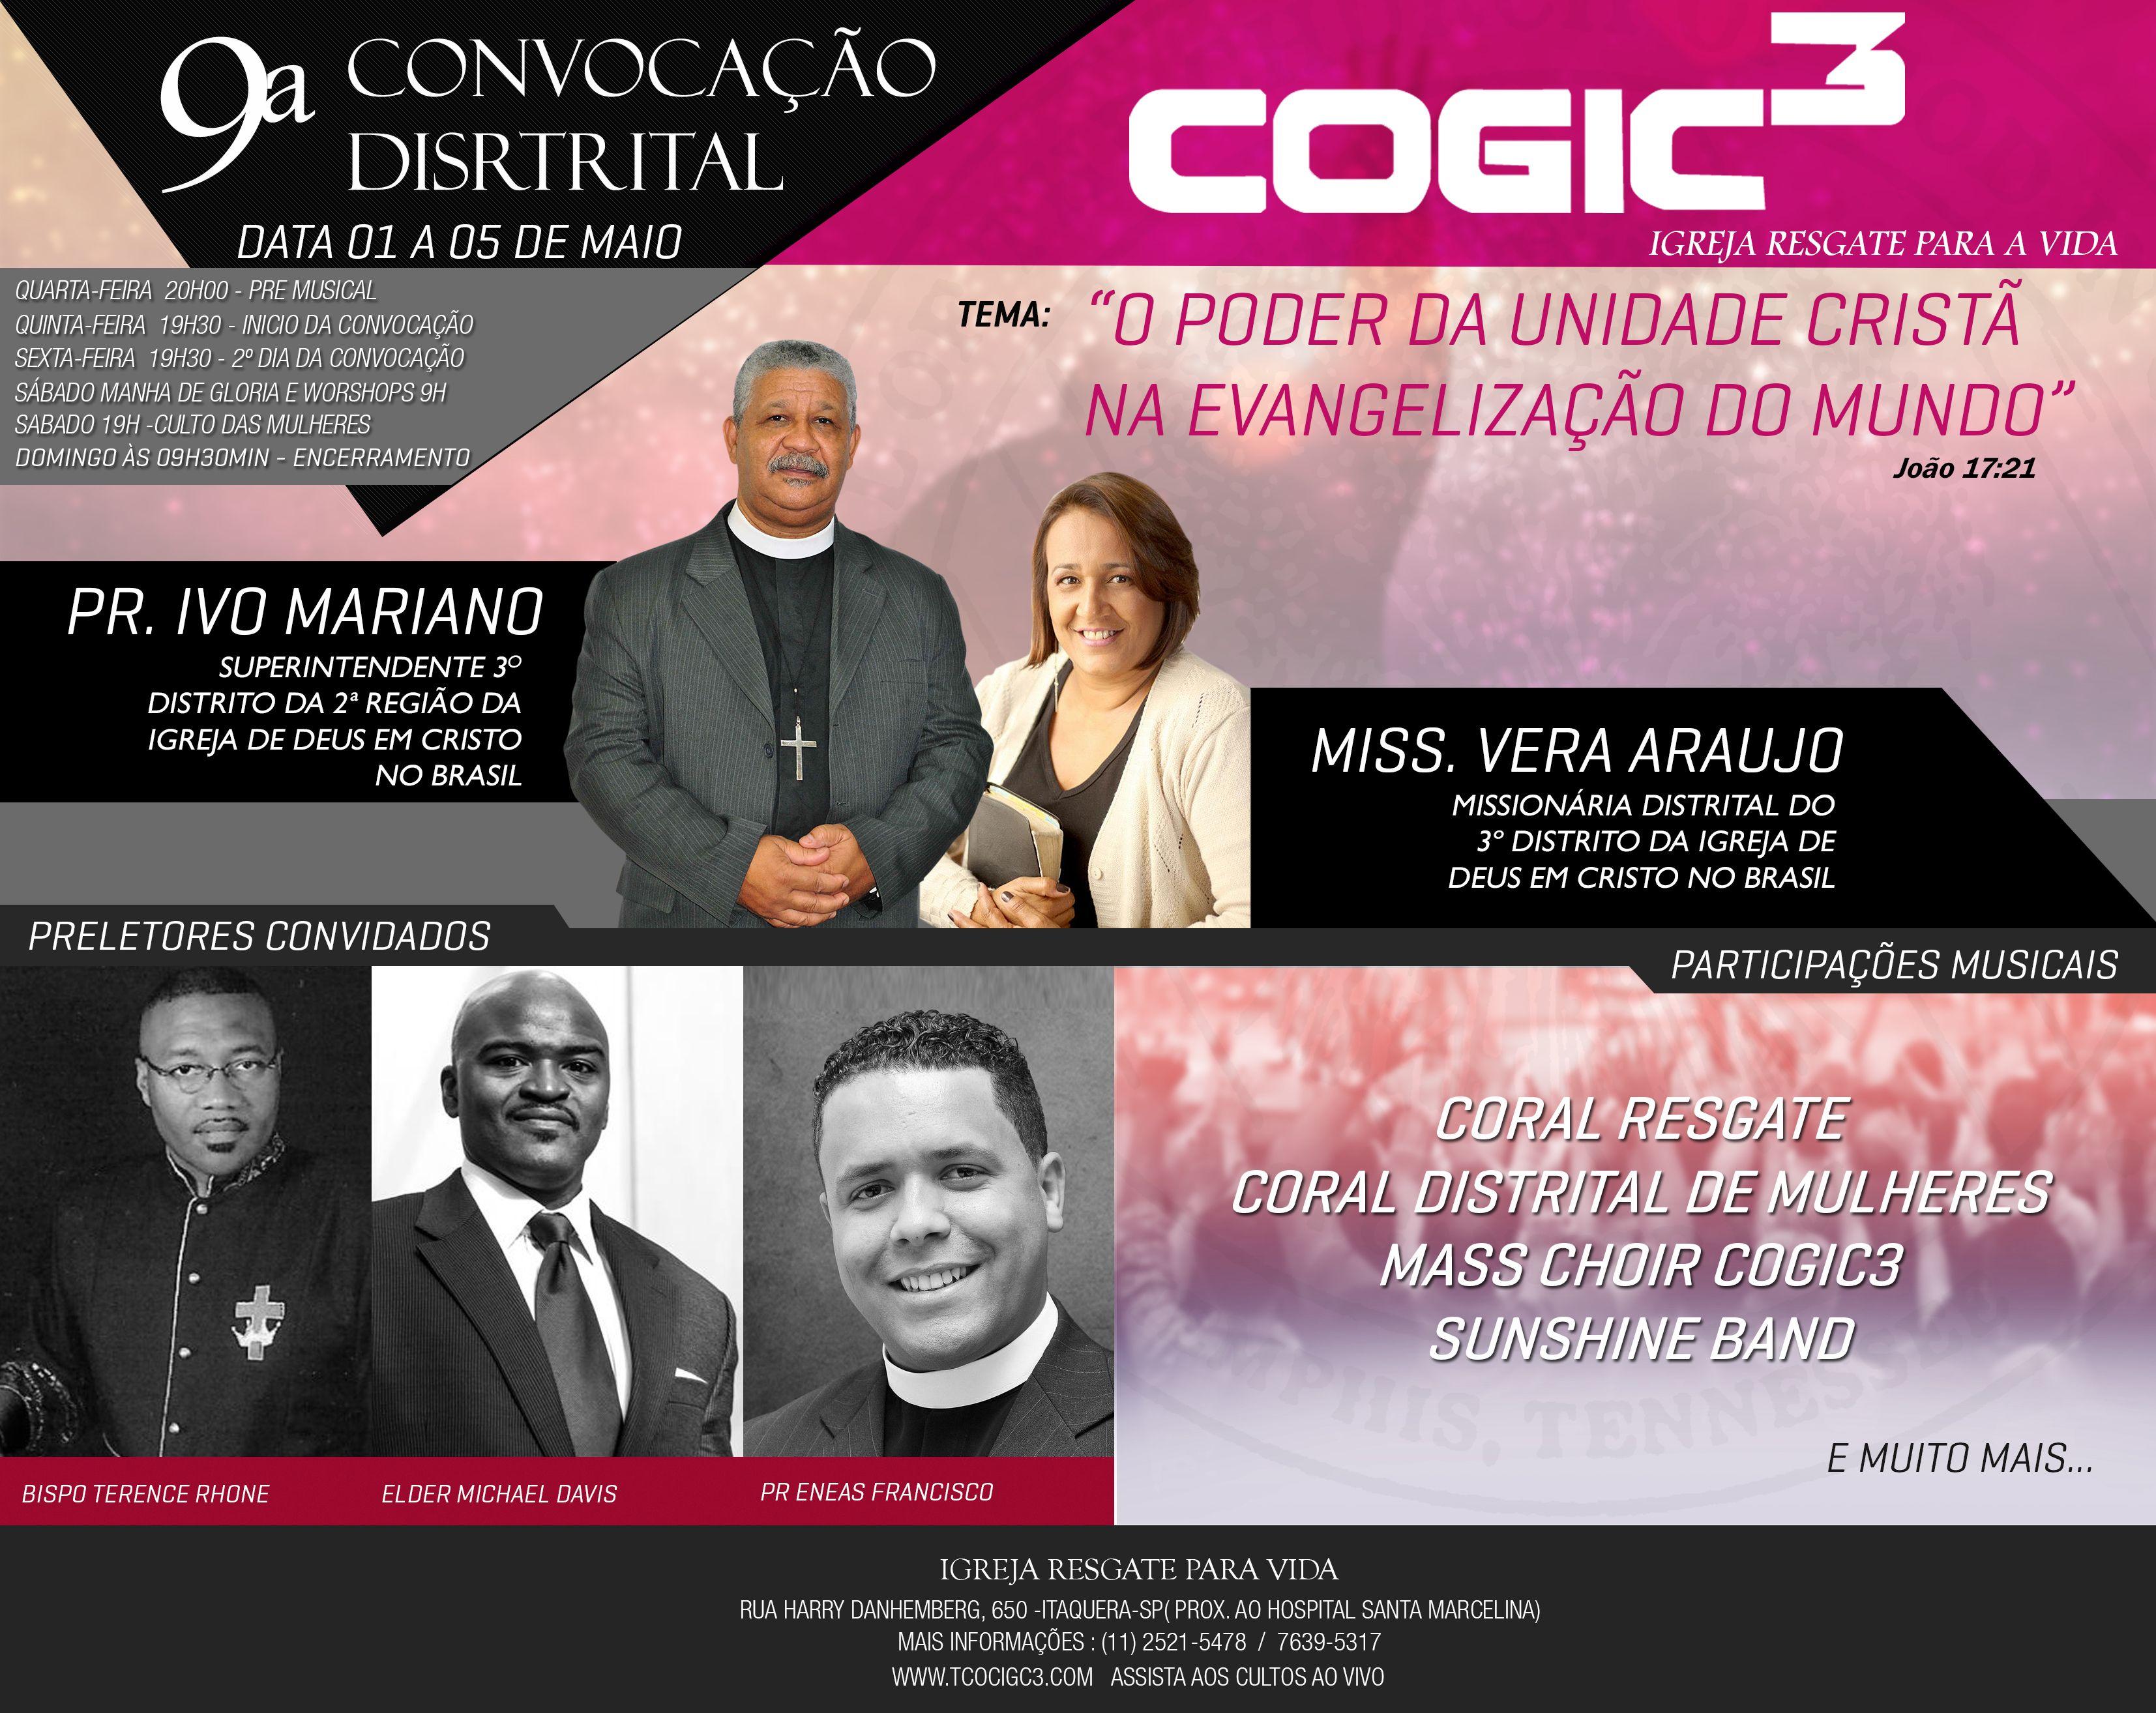 Covocação da Igreja Resgate para Vida do 3º Distrito -  no Brasil